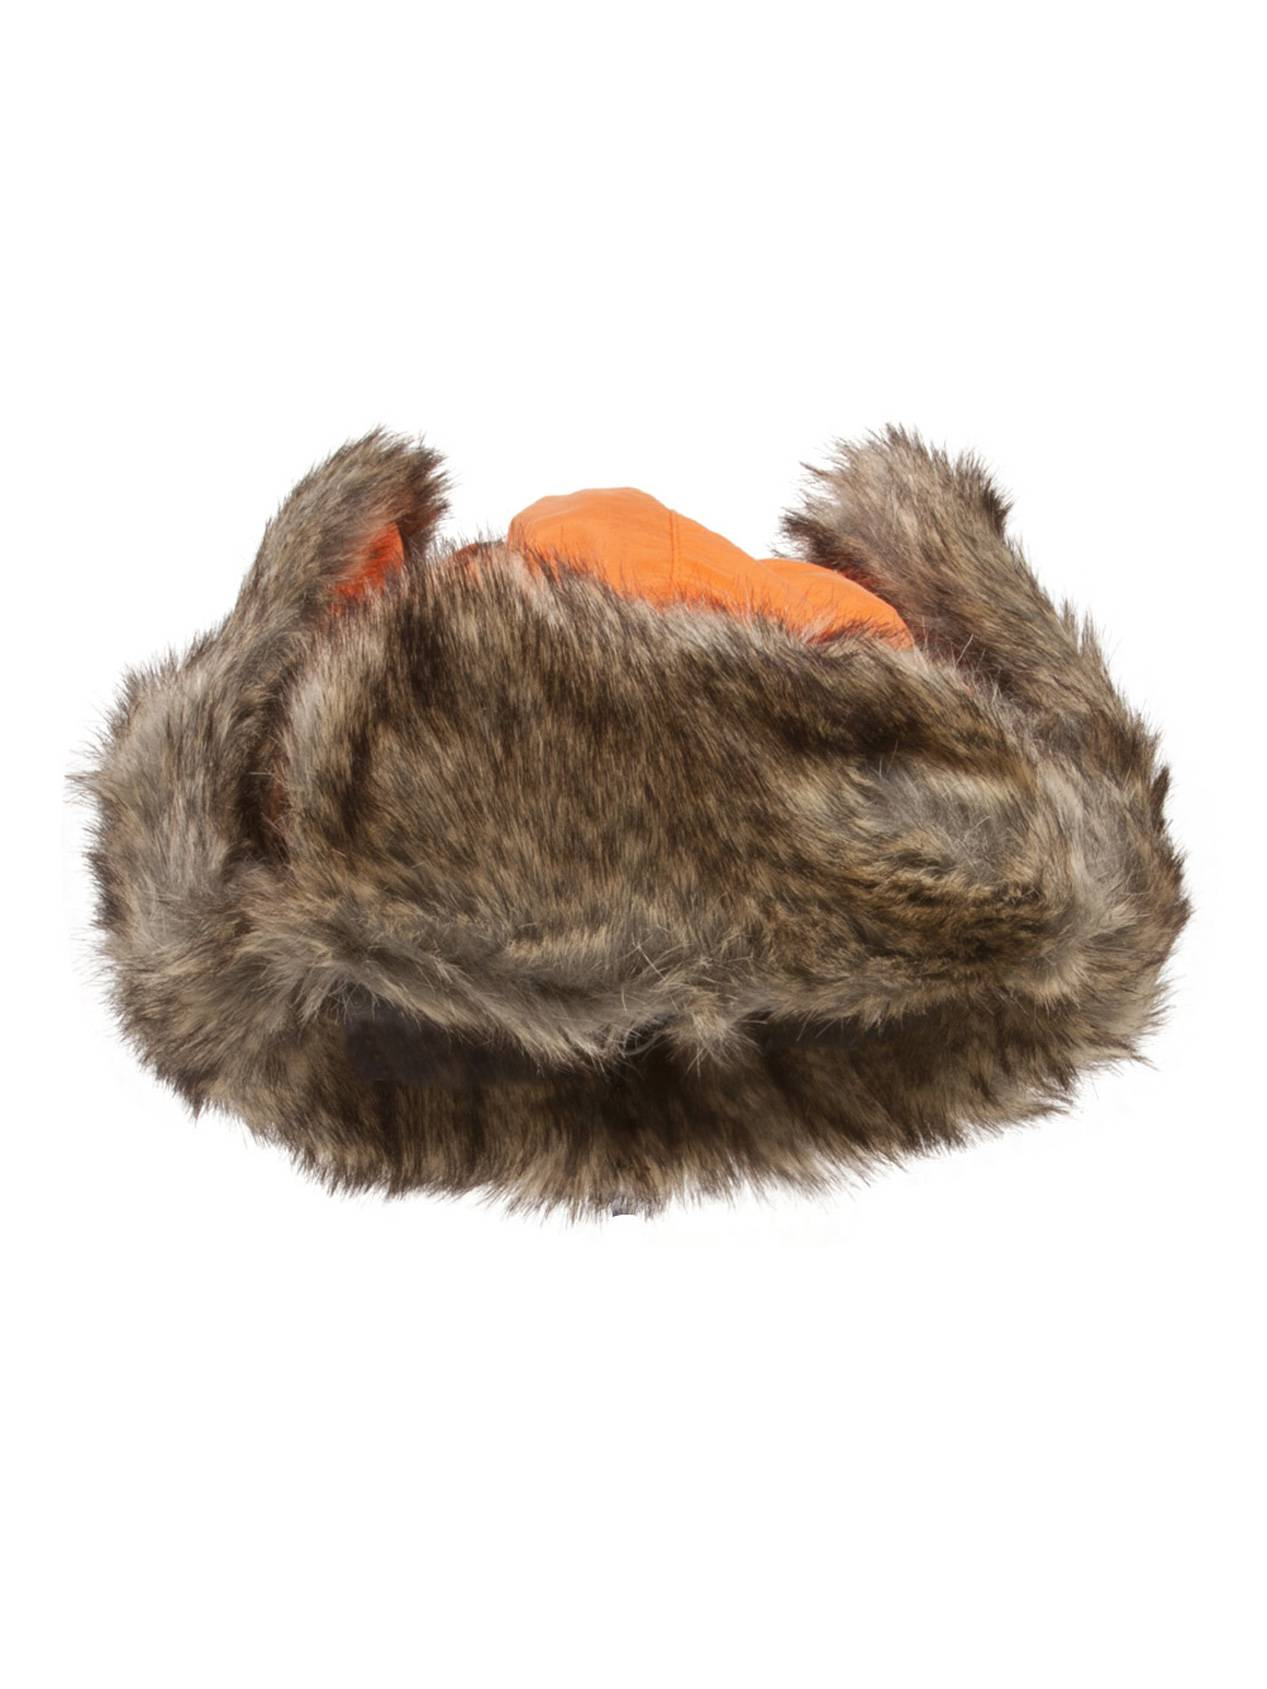 b1548ba37 Ushanka Faux Fur Trapper Winter Flight Trooper Hat Cap ORANGE S/M